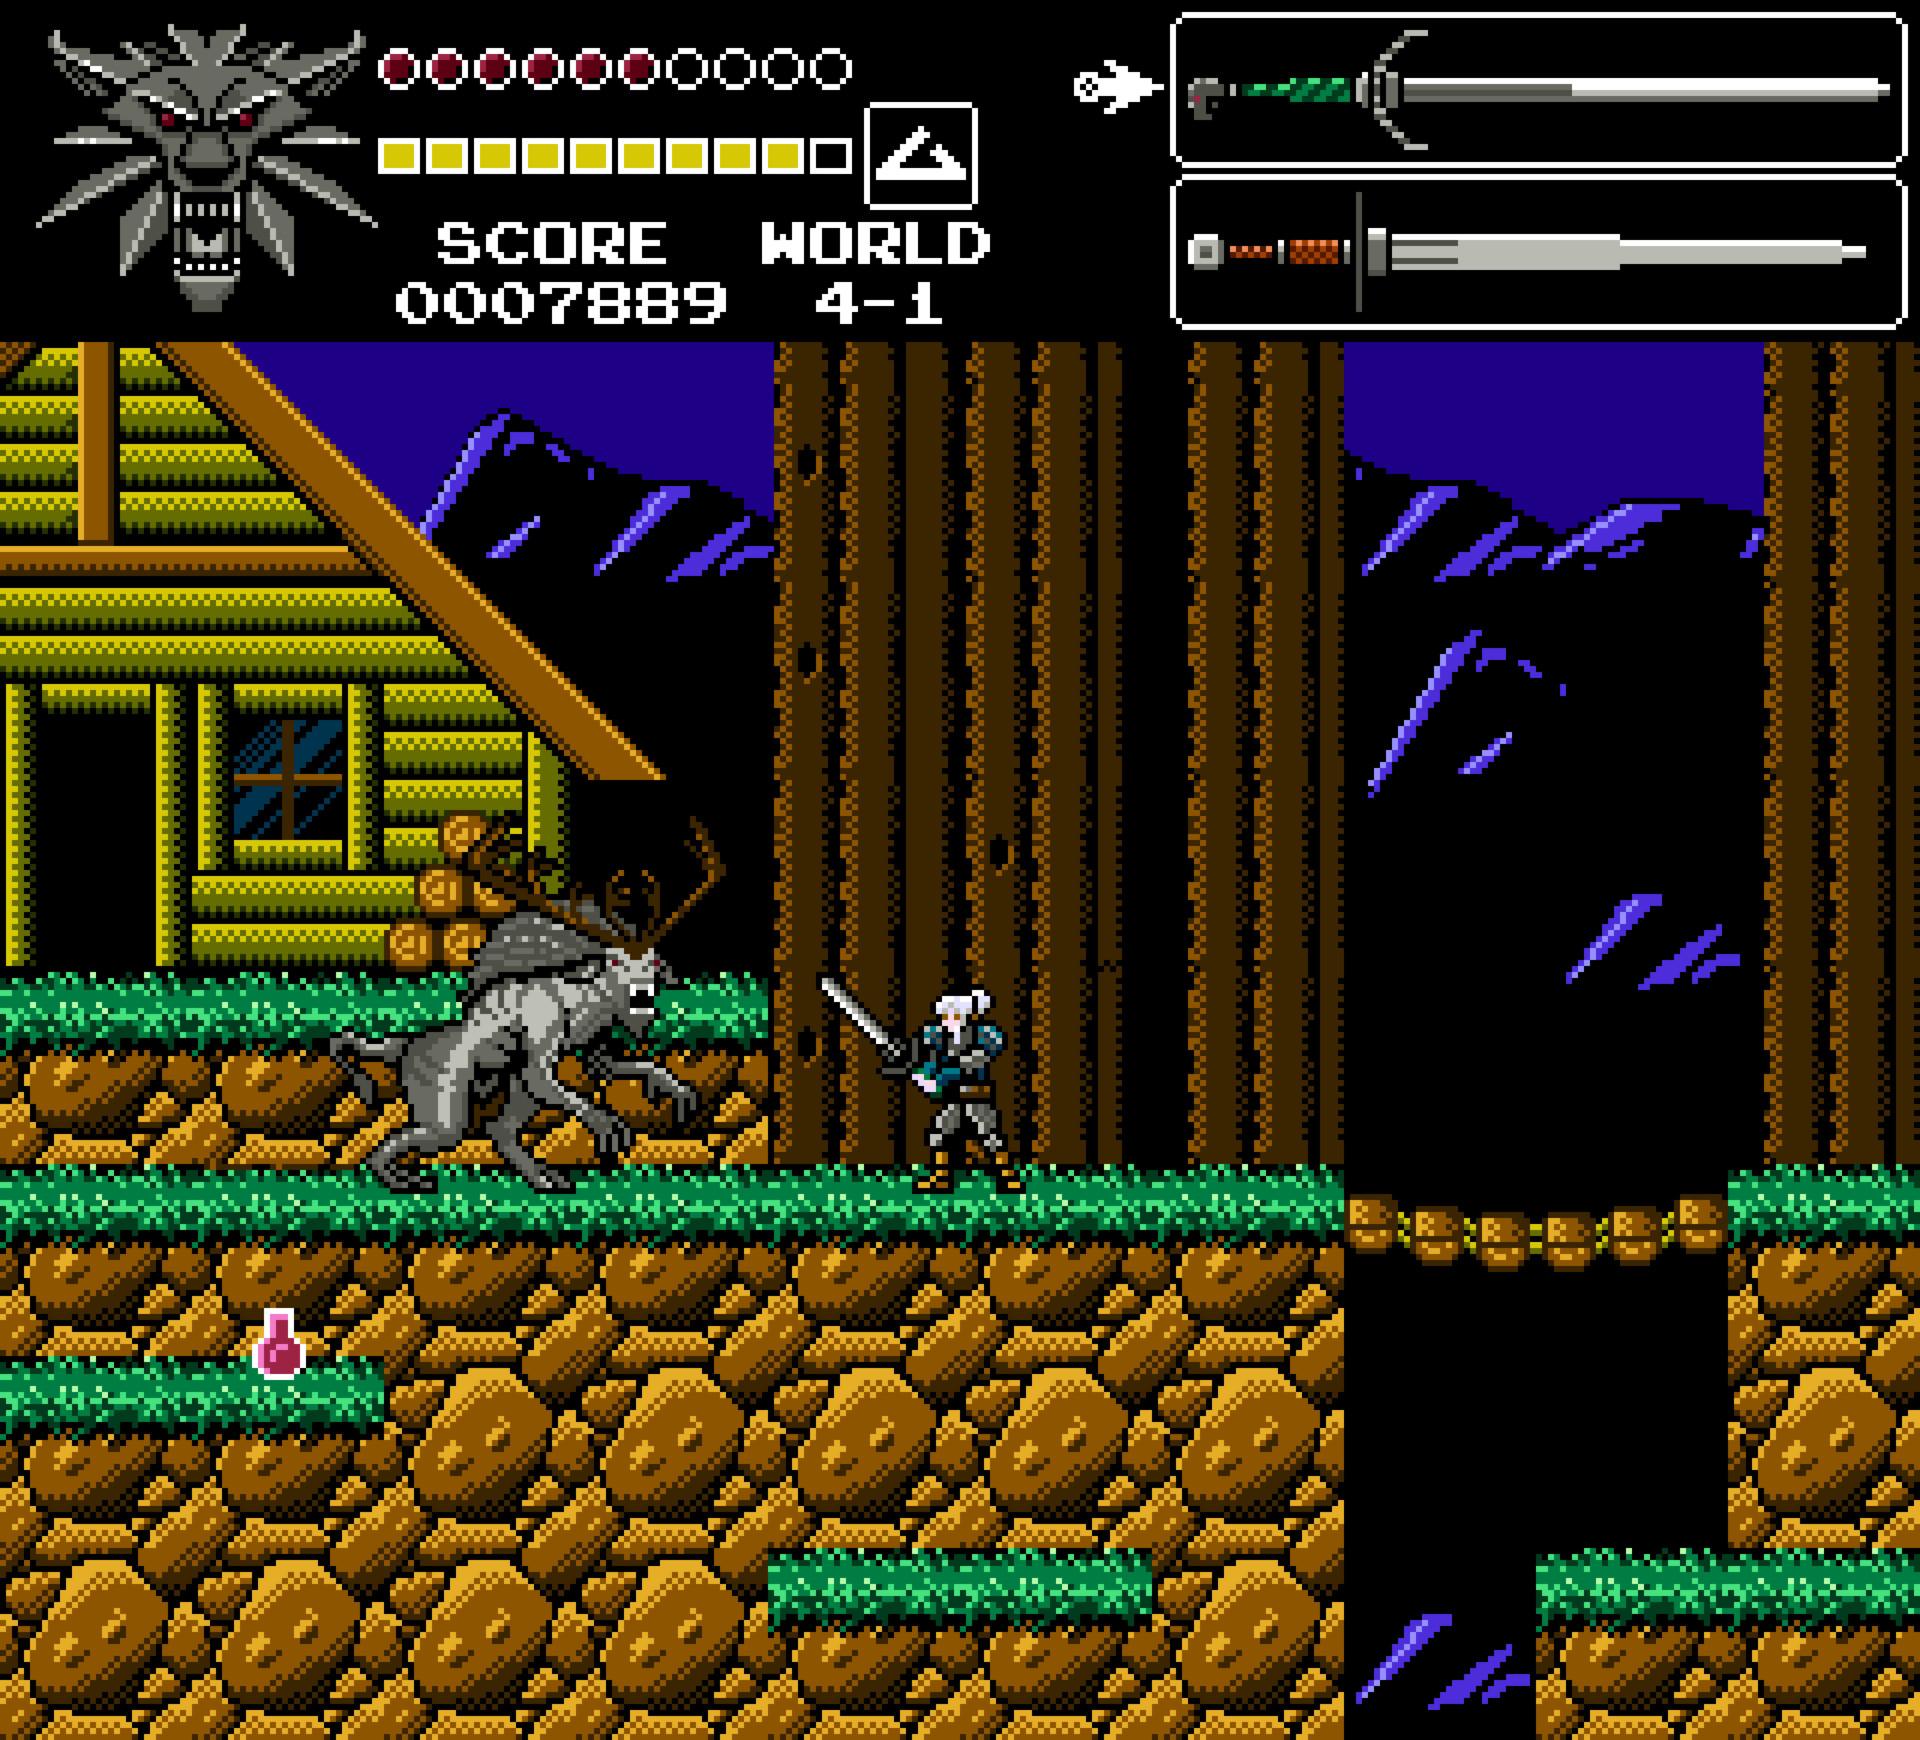 ArtStation - Witcher NES mockup, Damian Gasiński